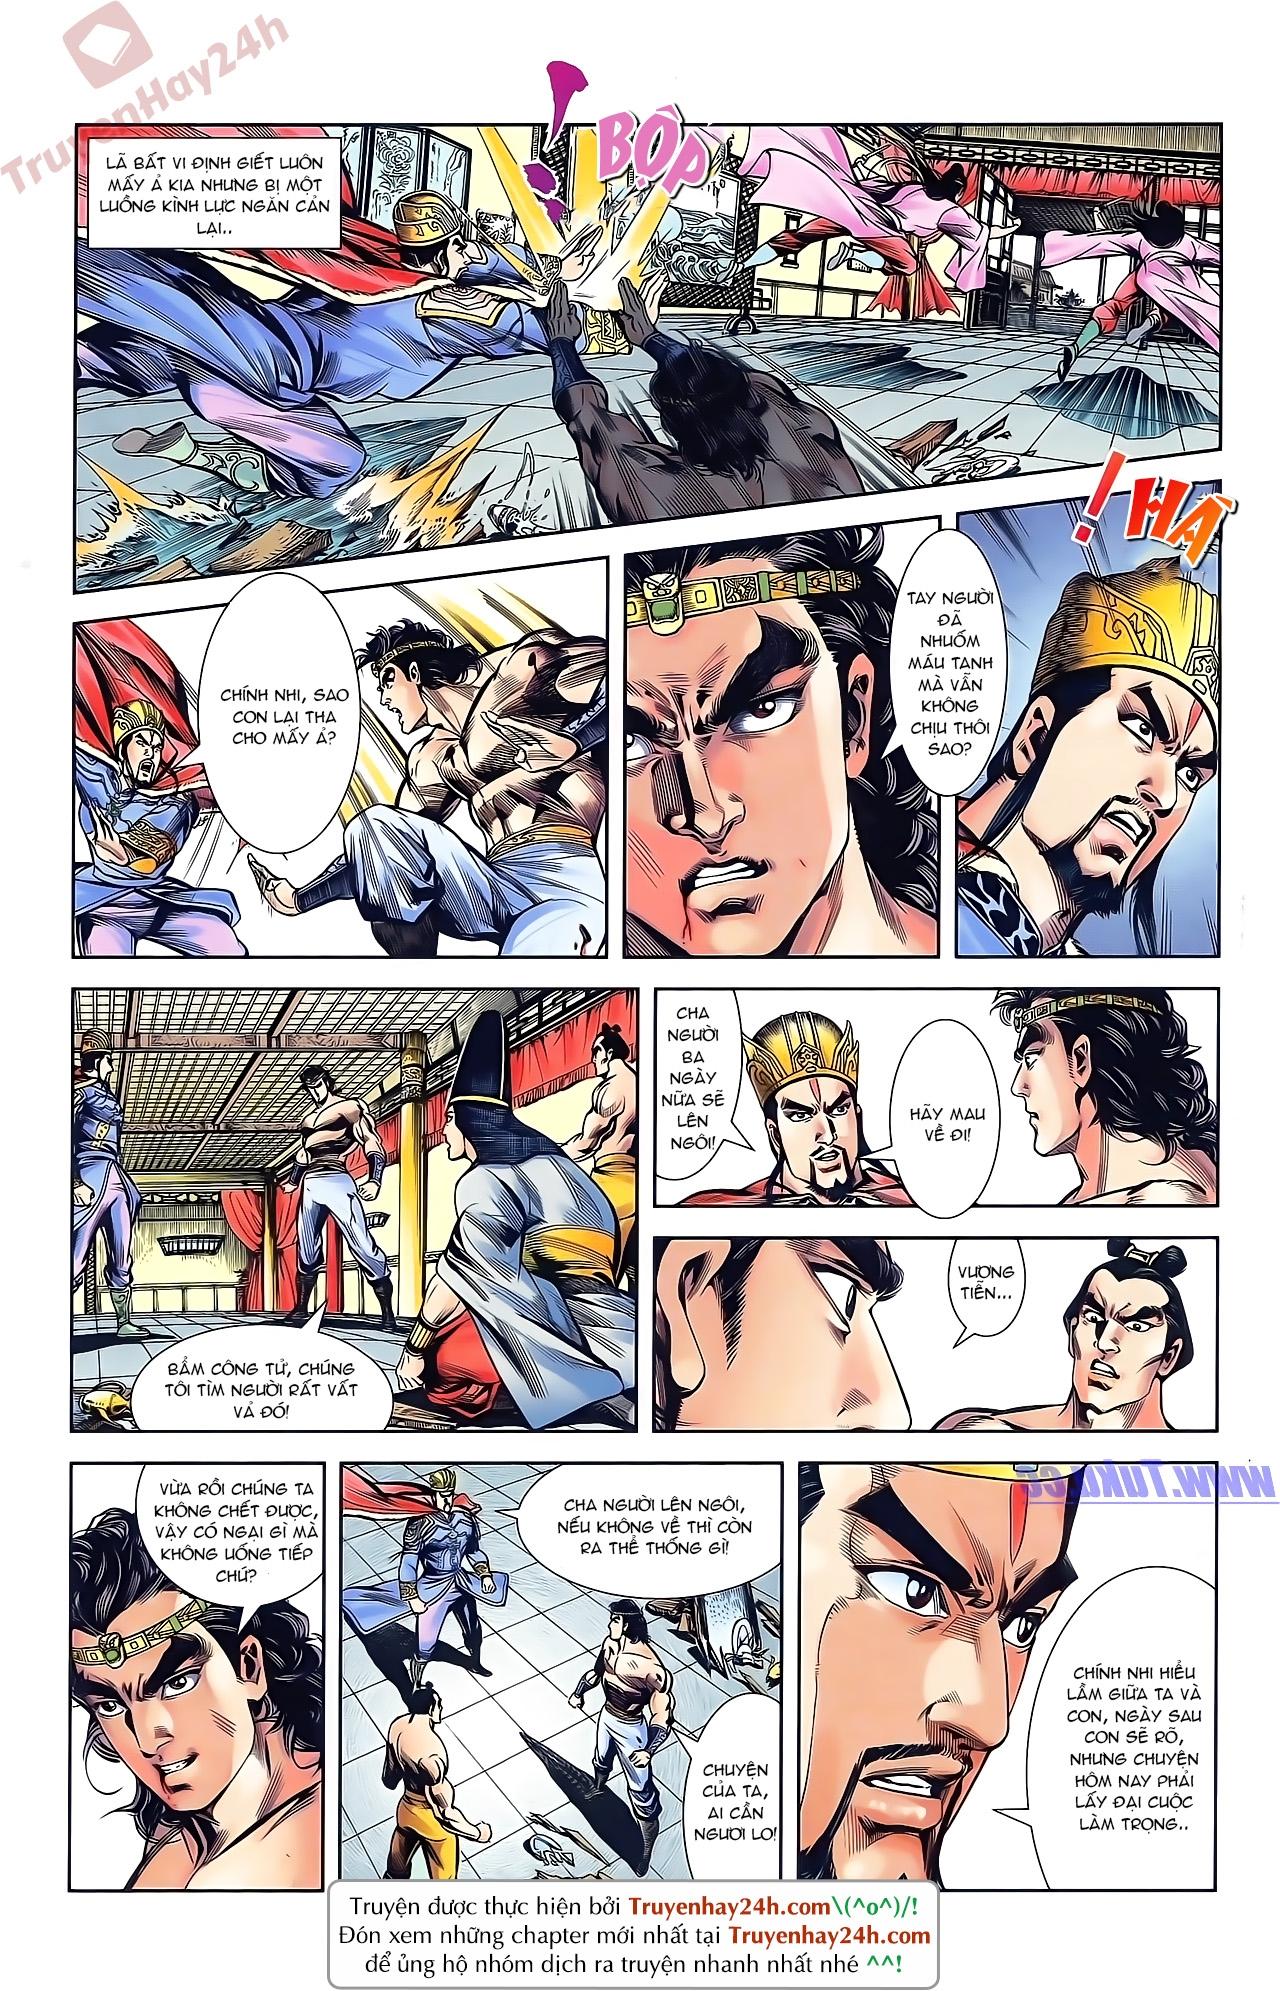 Tần Vương Doanh Chính chapter 43 trang 15